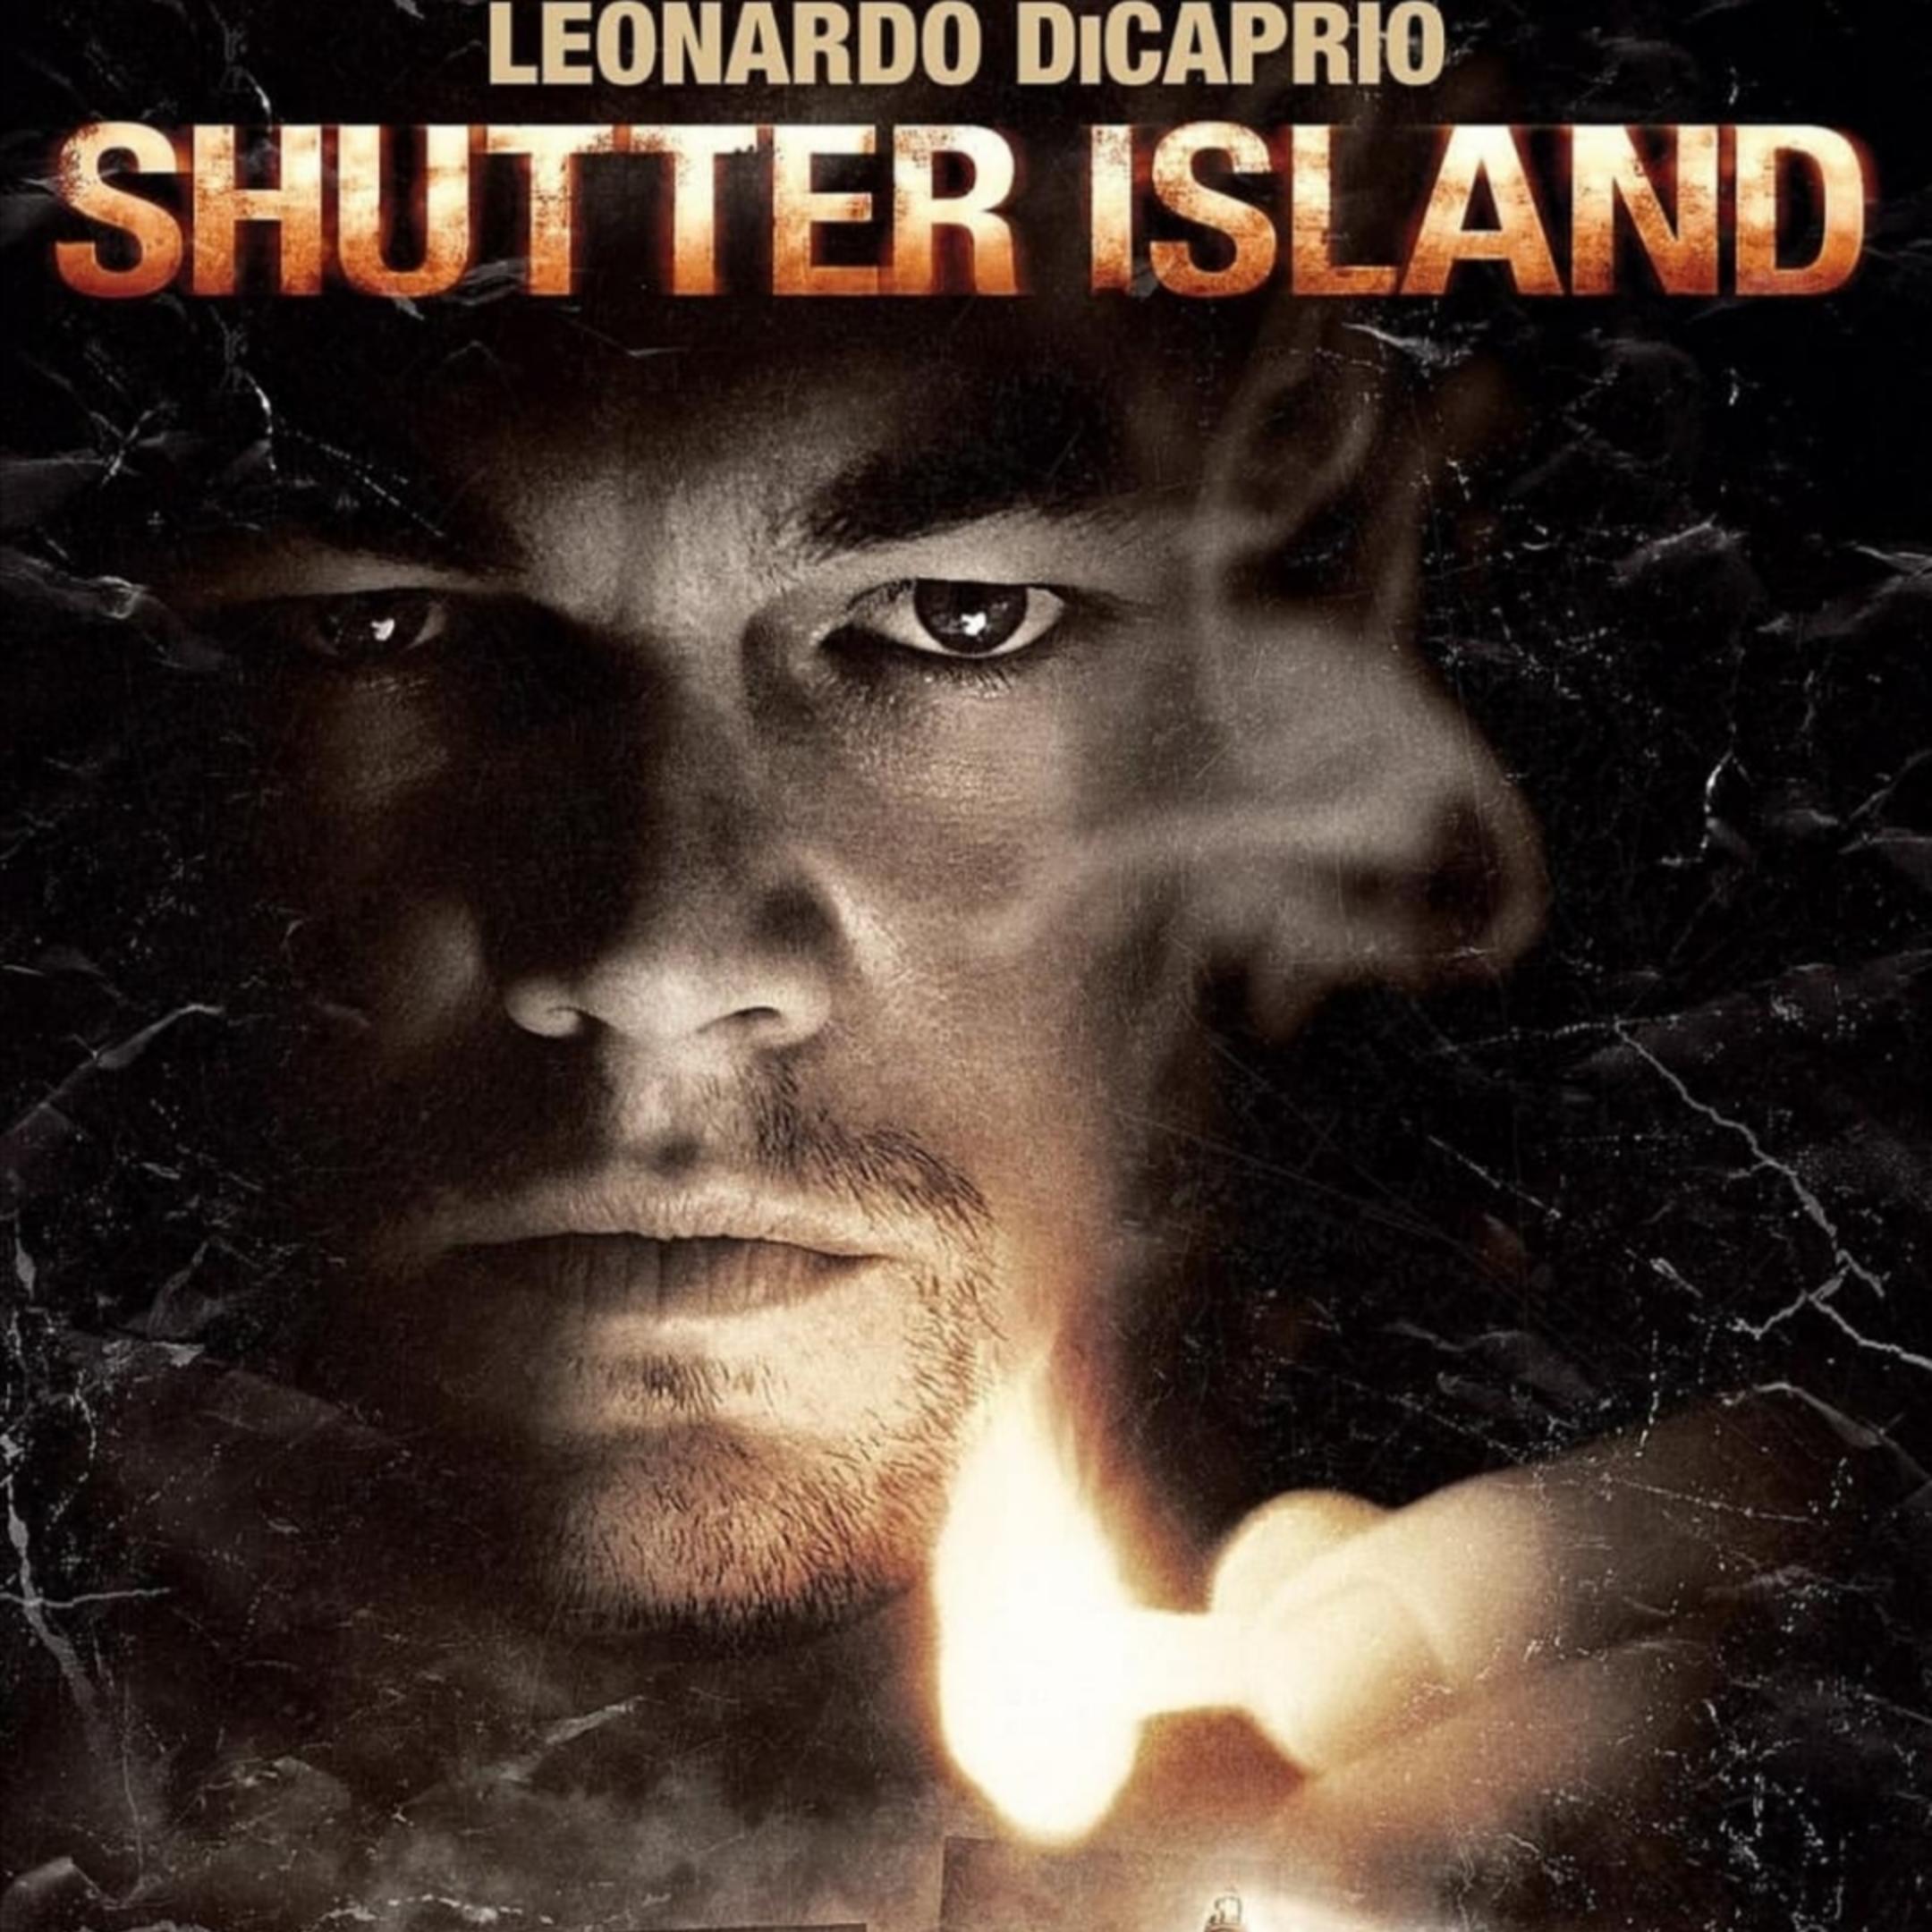 シャッターアイランド(2010)